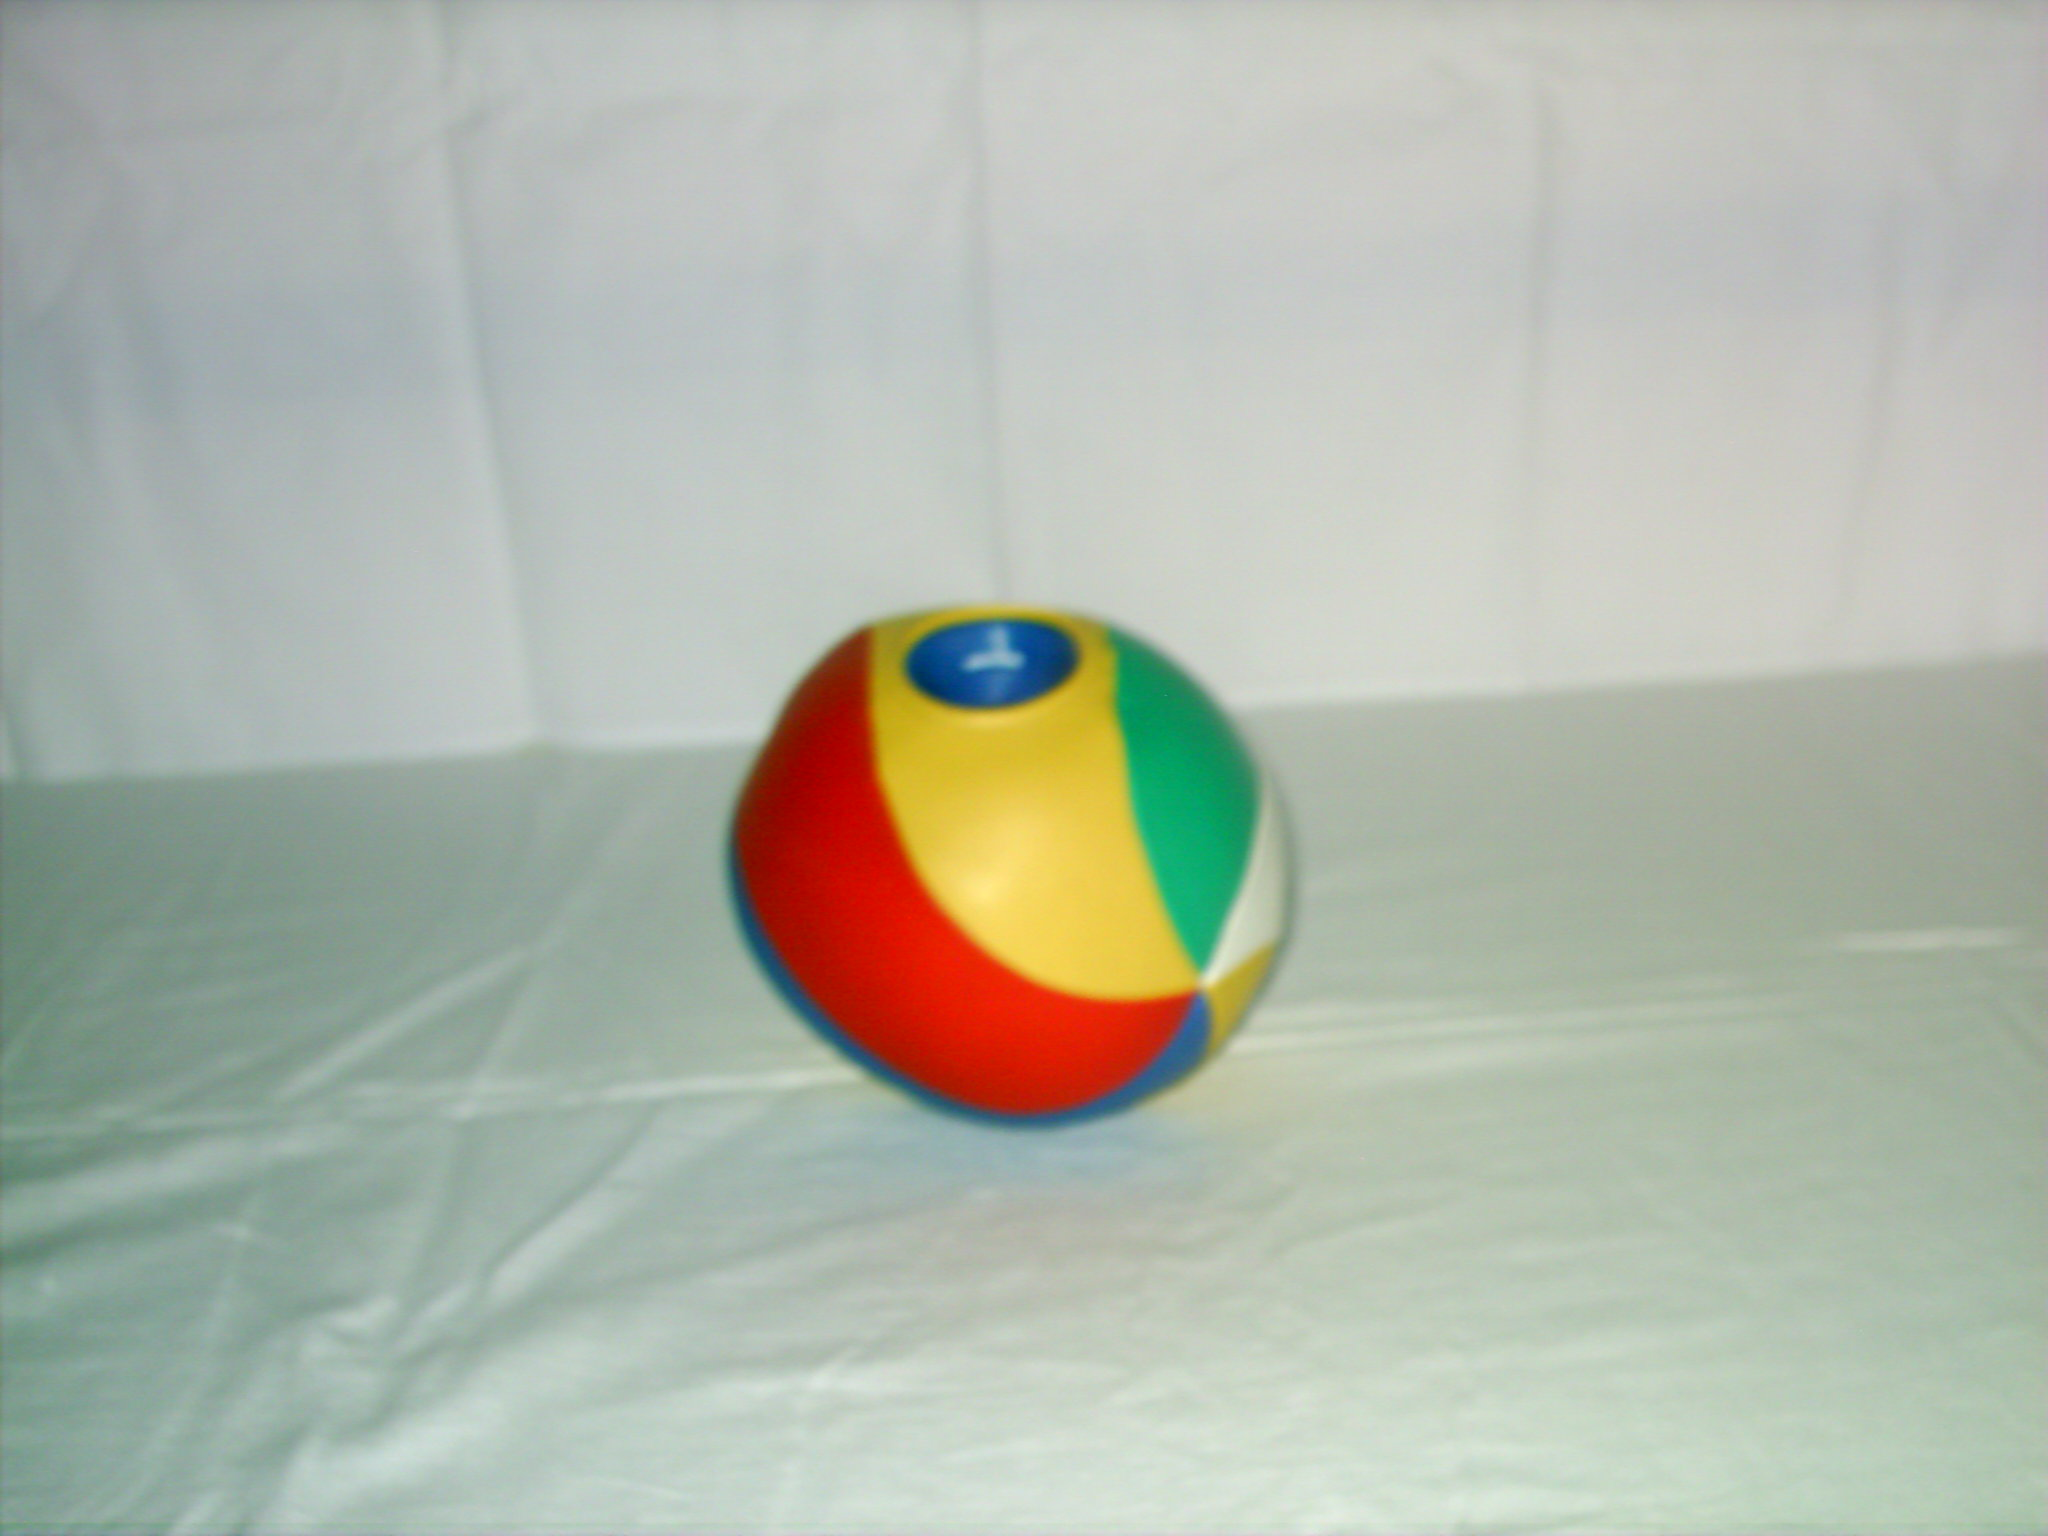 B002 Soft bal met geluid